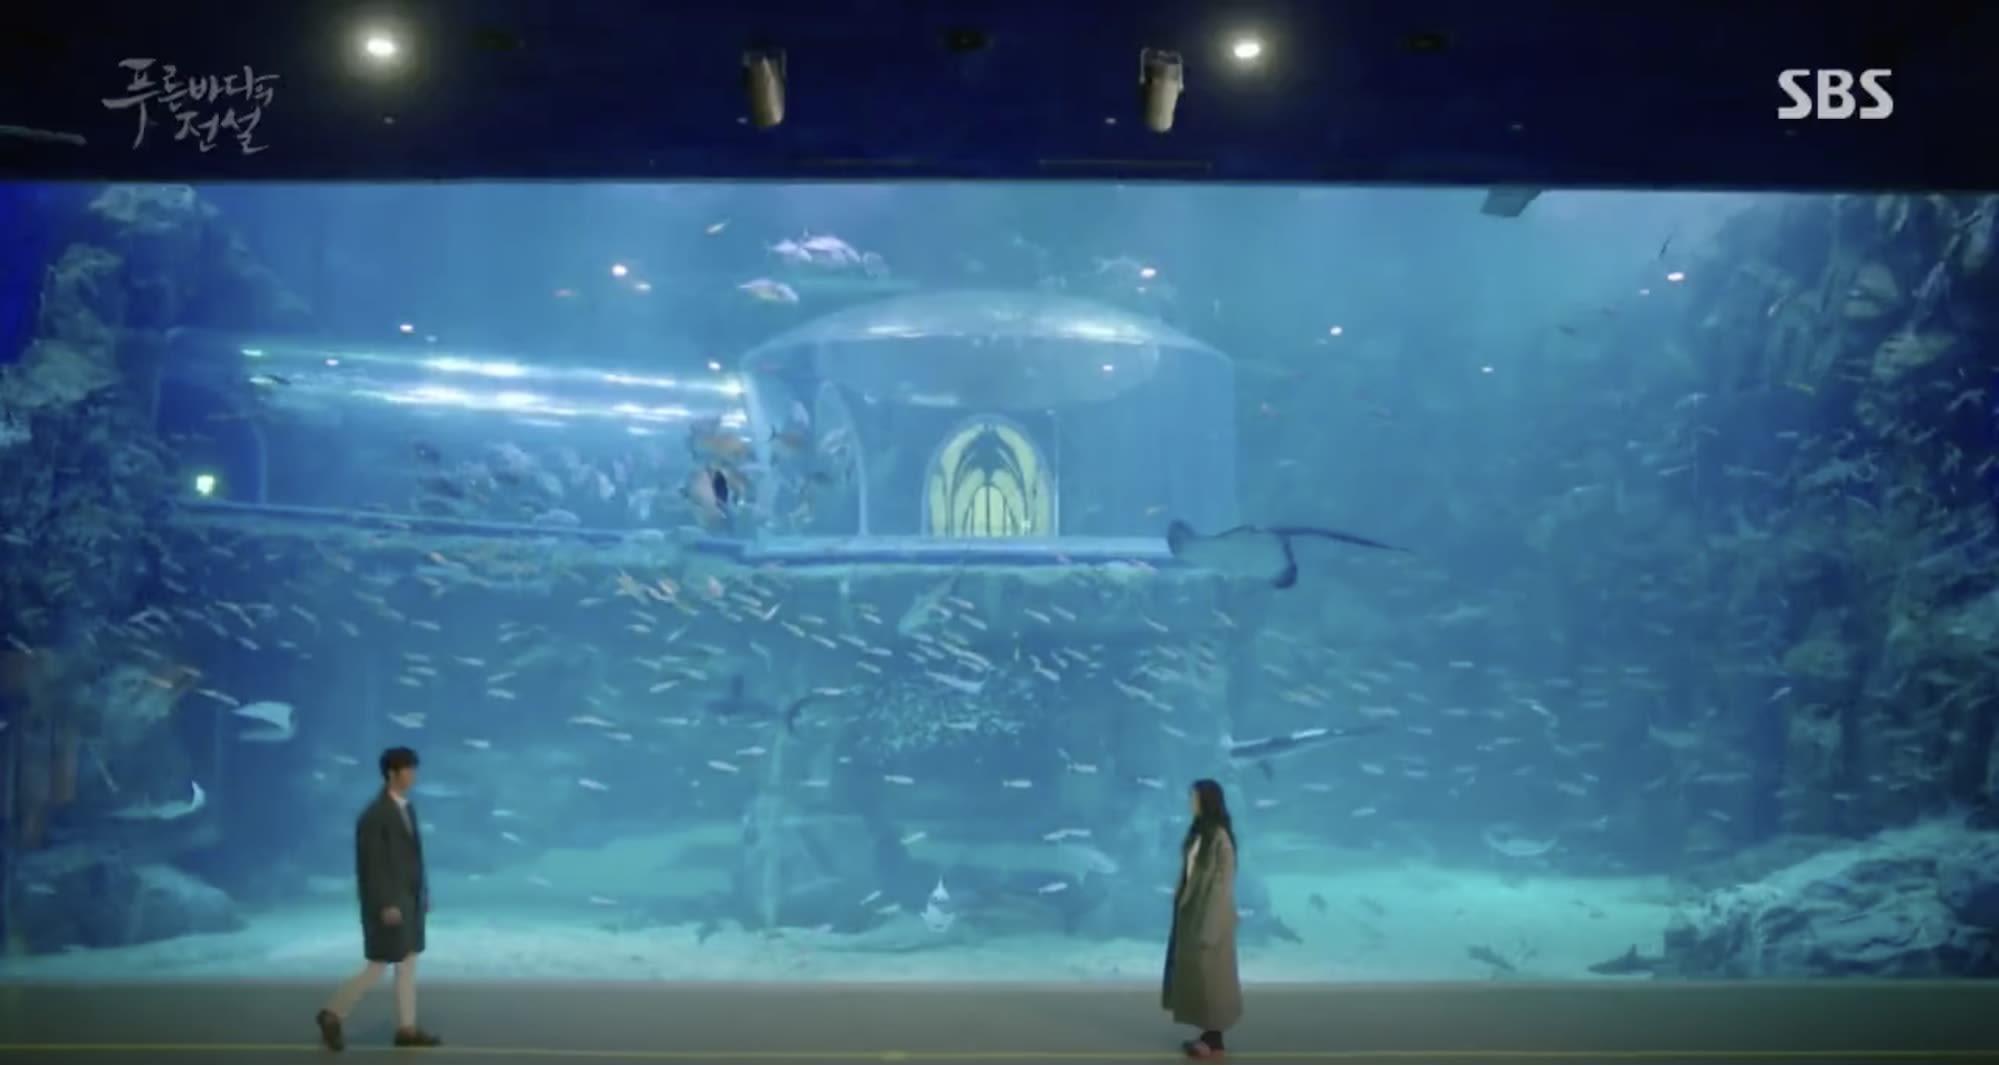 phim trường hàn quốc - huyền thoại biển xanh